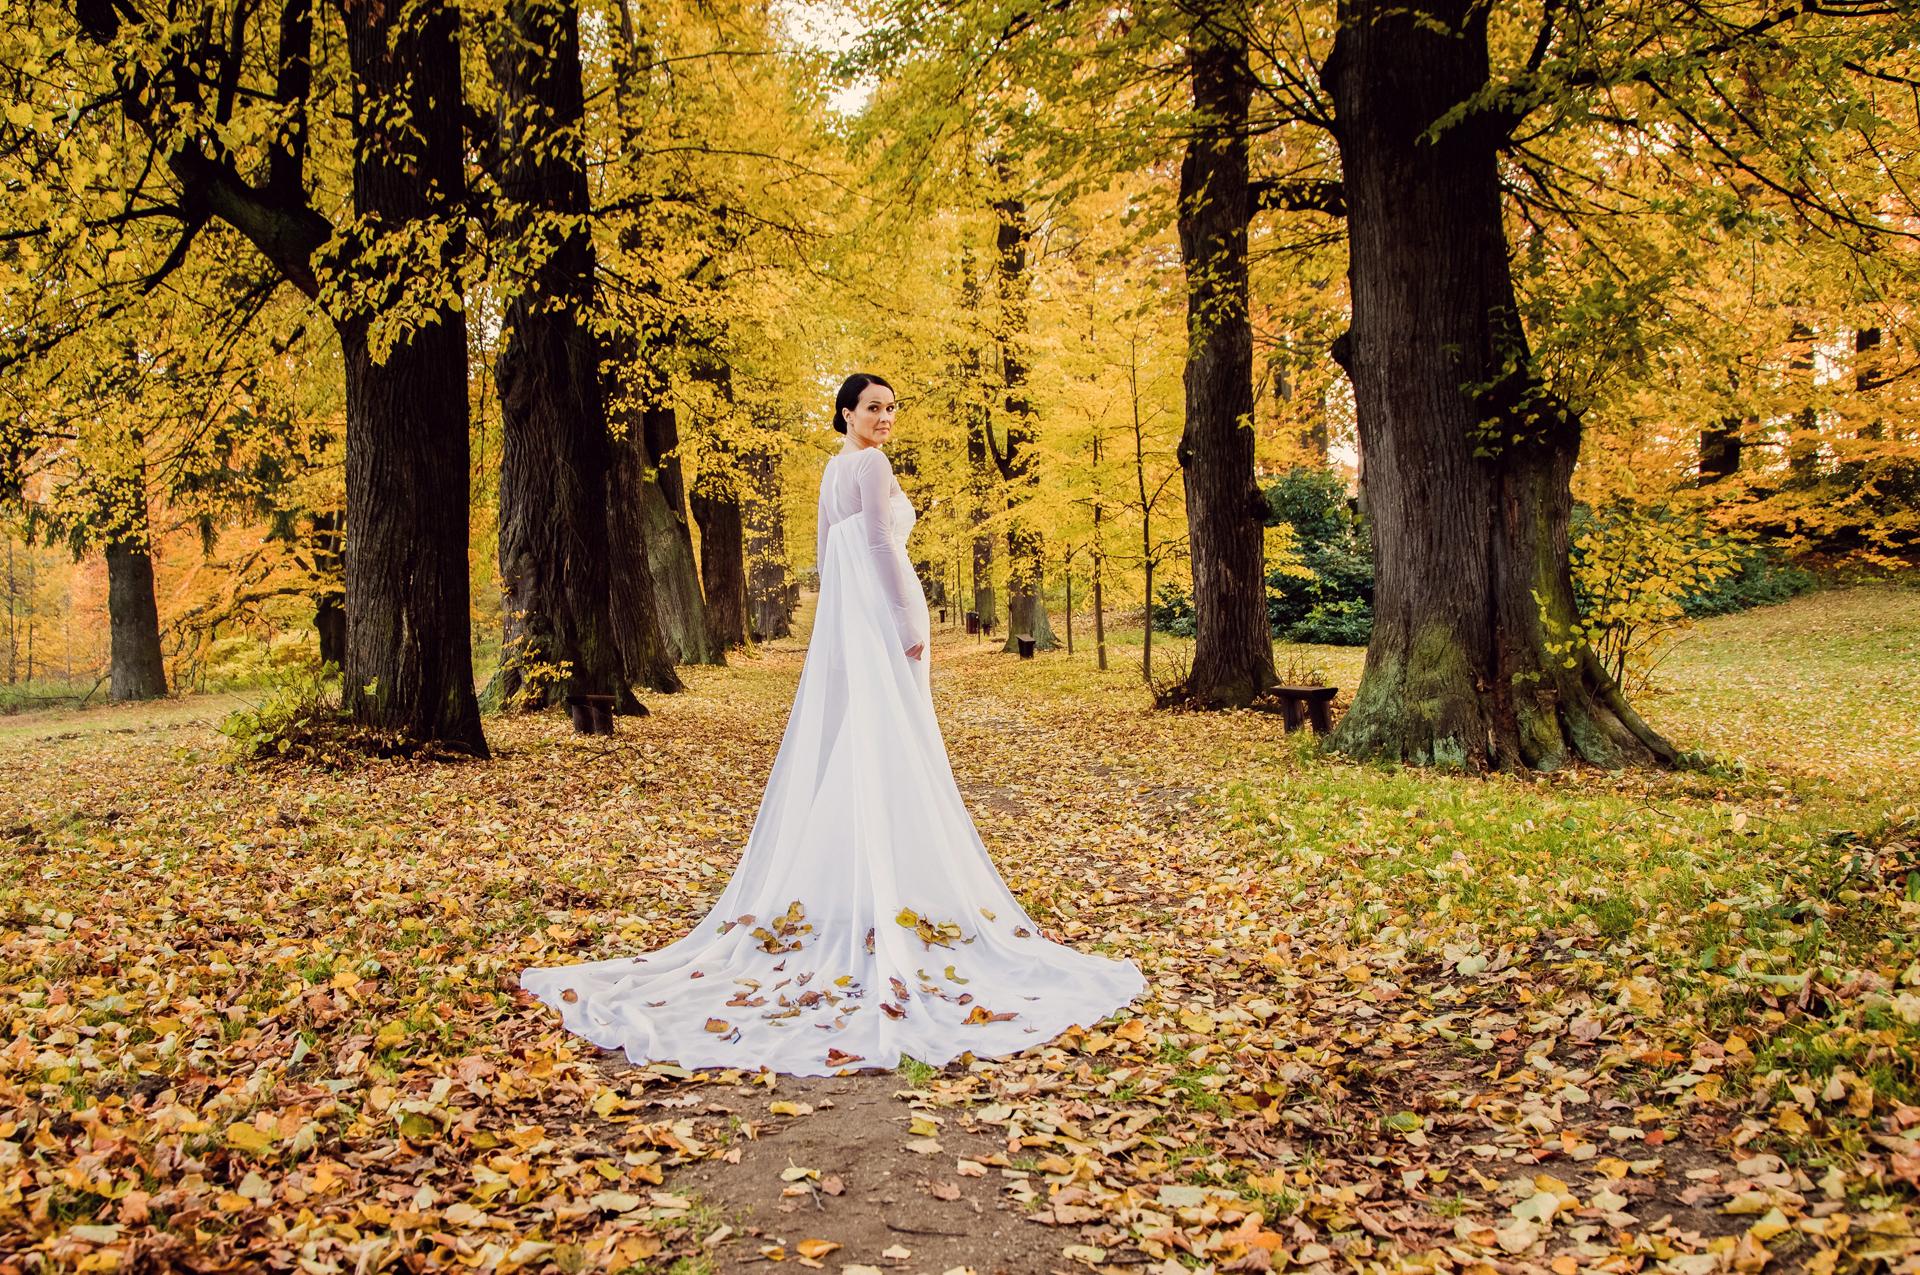 fotograf wałbrzych 21 Plener Oli & Olafa w Zamek Książ